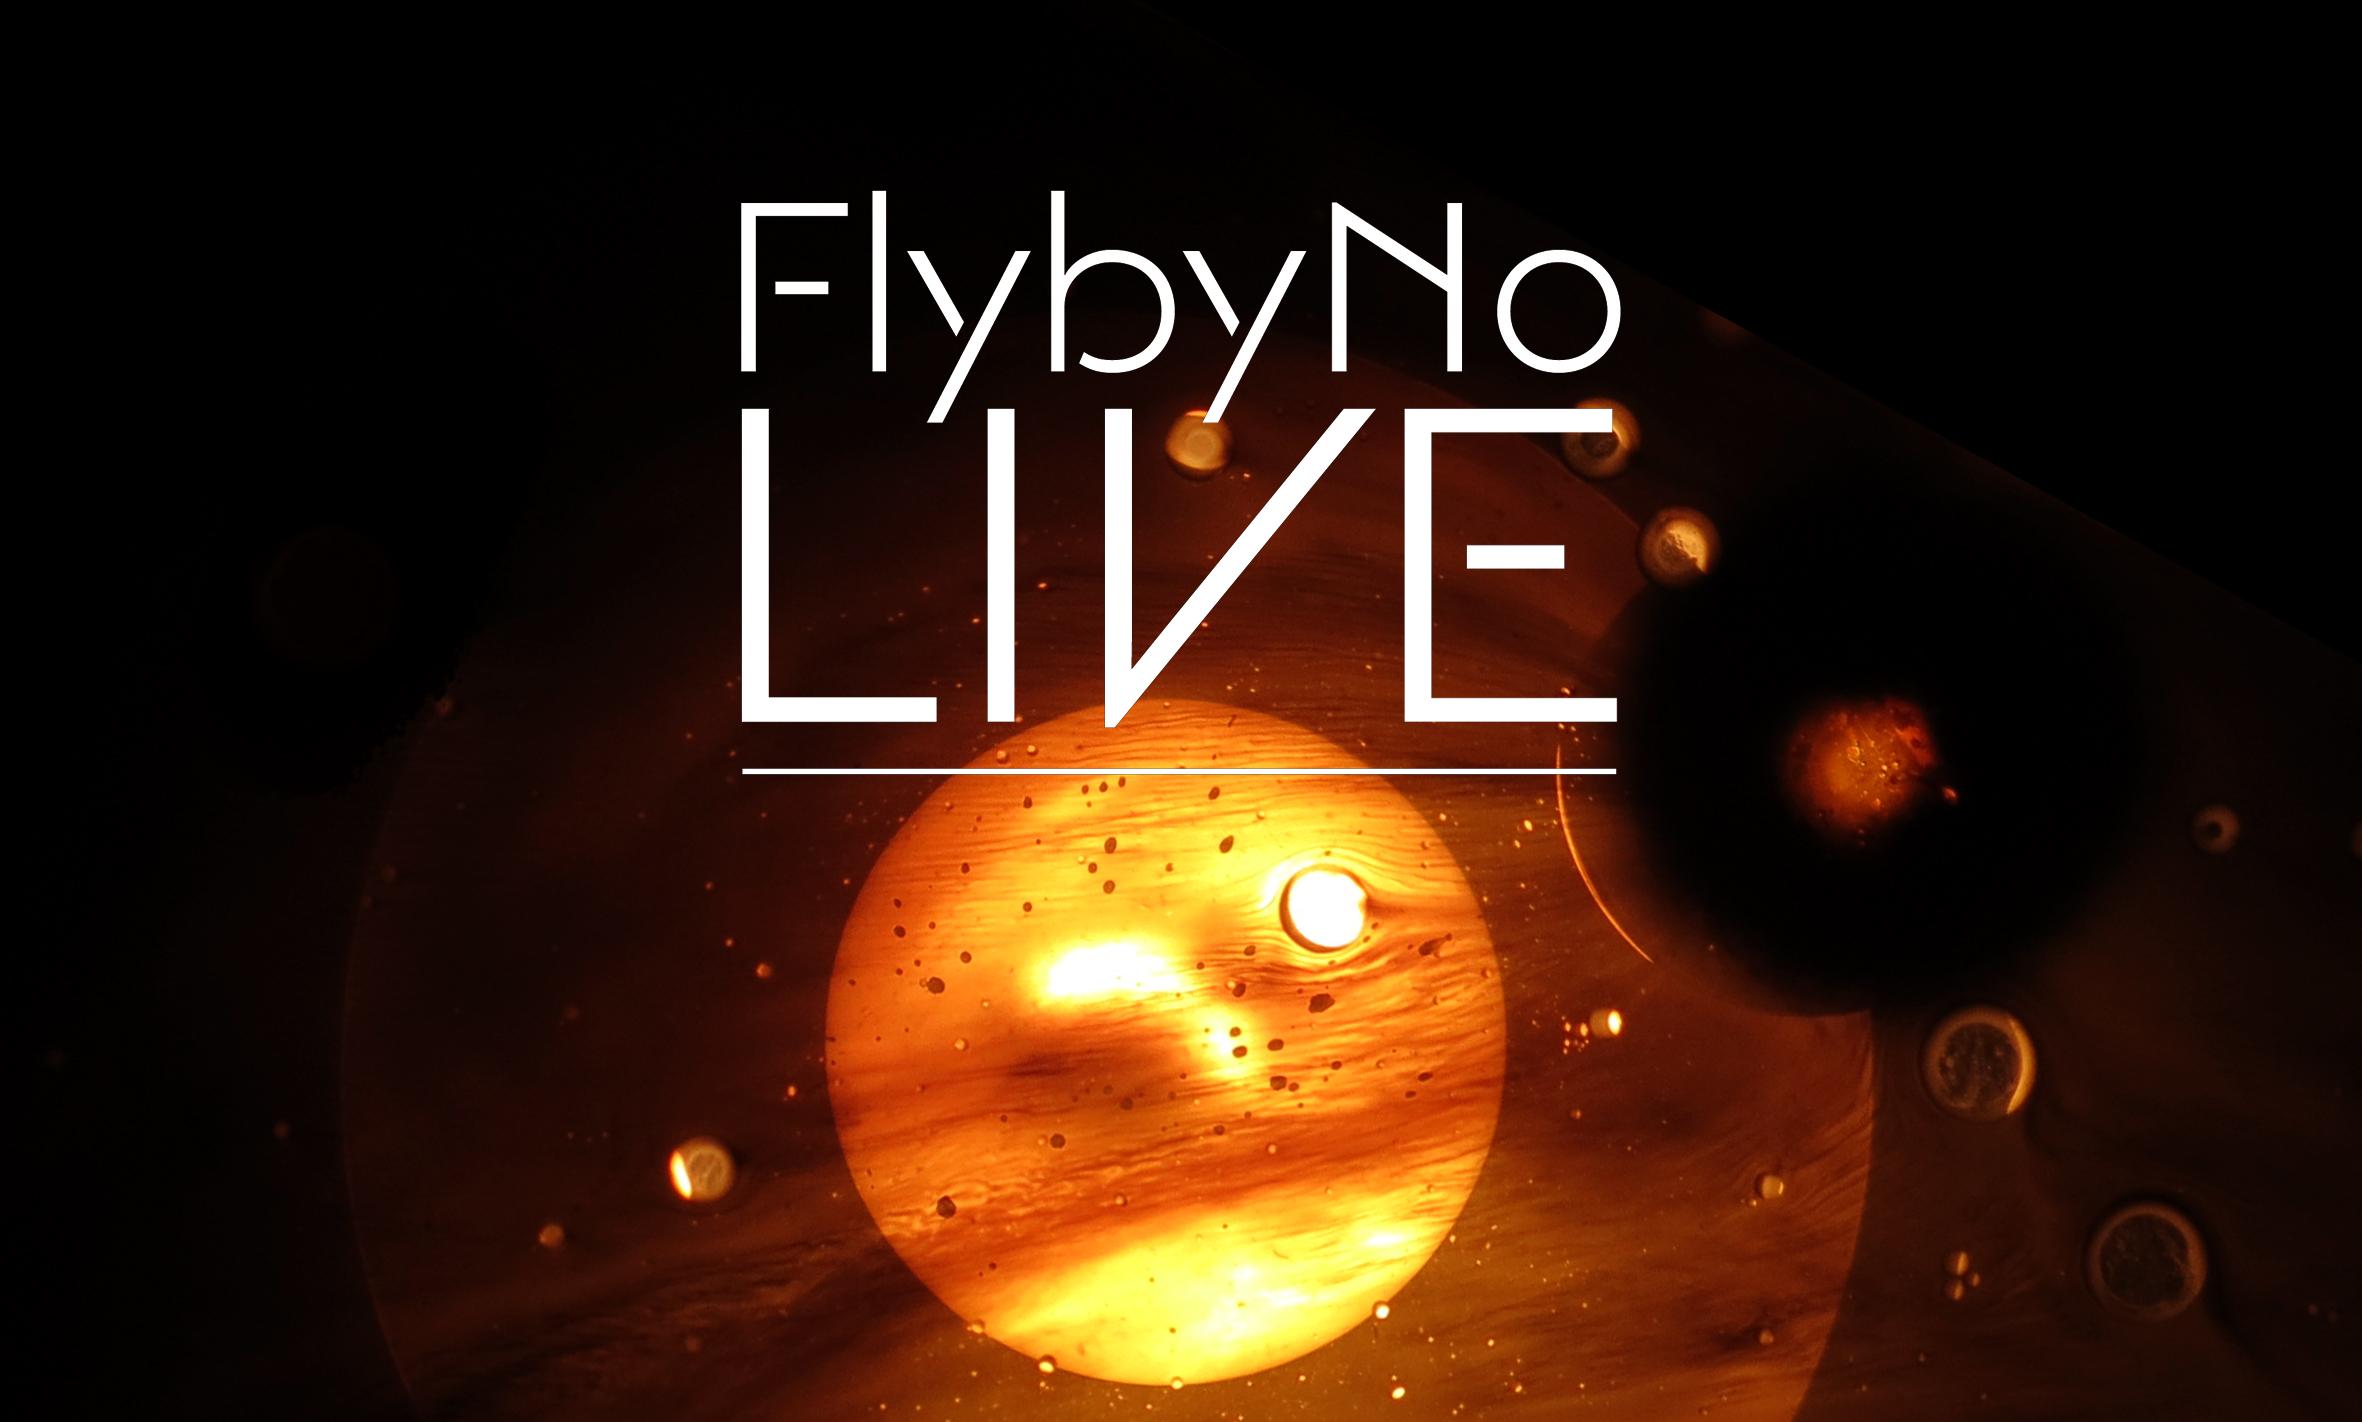 Concert Live Endless par FlybyNo